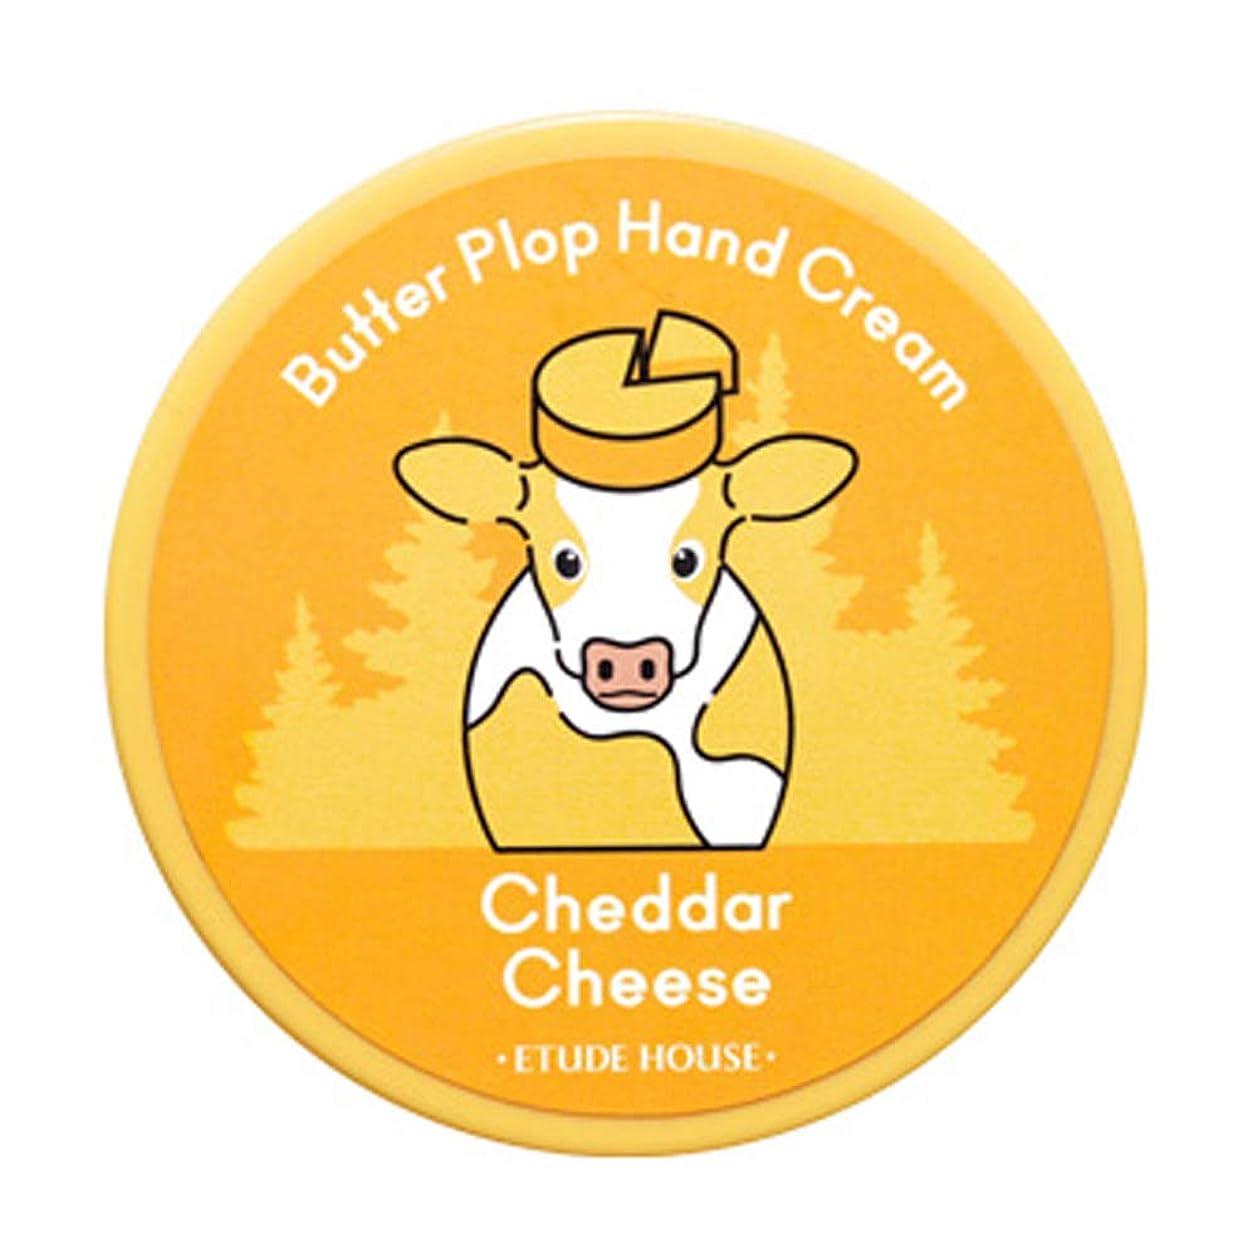 患者退化する百年Etude House Butter Plop Hand Cream 25ml エチュードハウス バターぽちゃんハンドクリーム (#04 Cheddar Cheese) [並行輸入品]